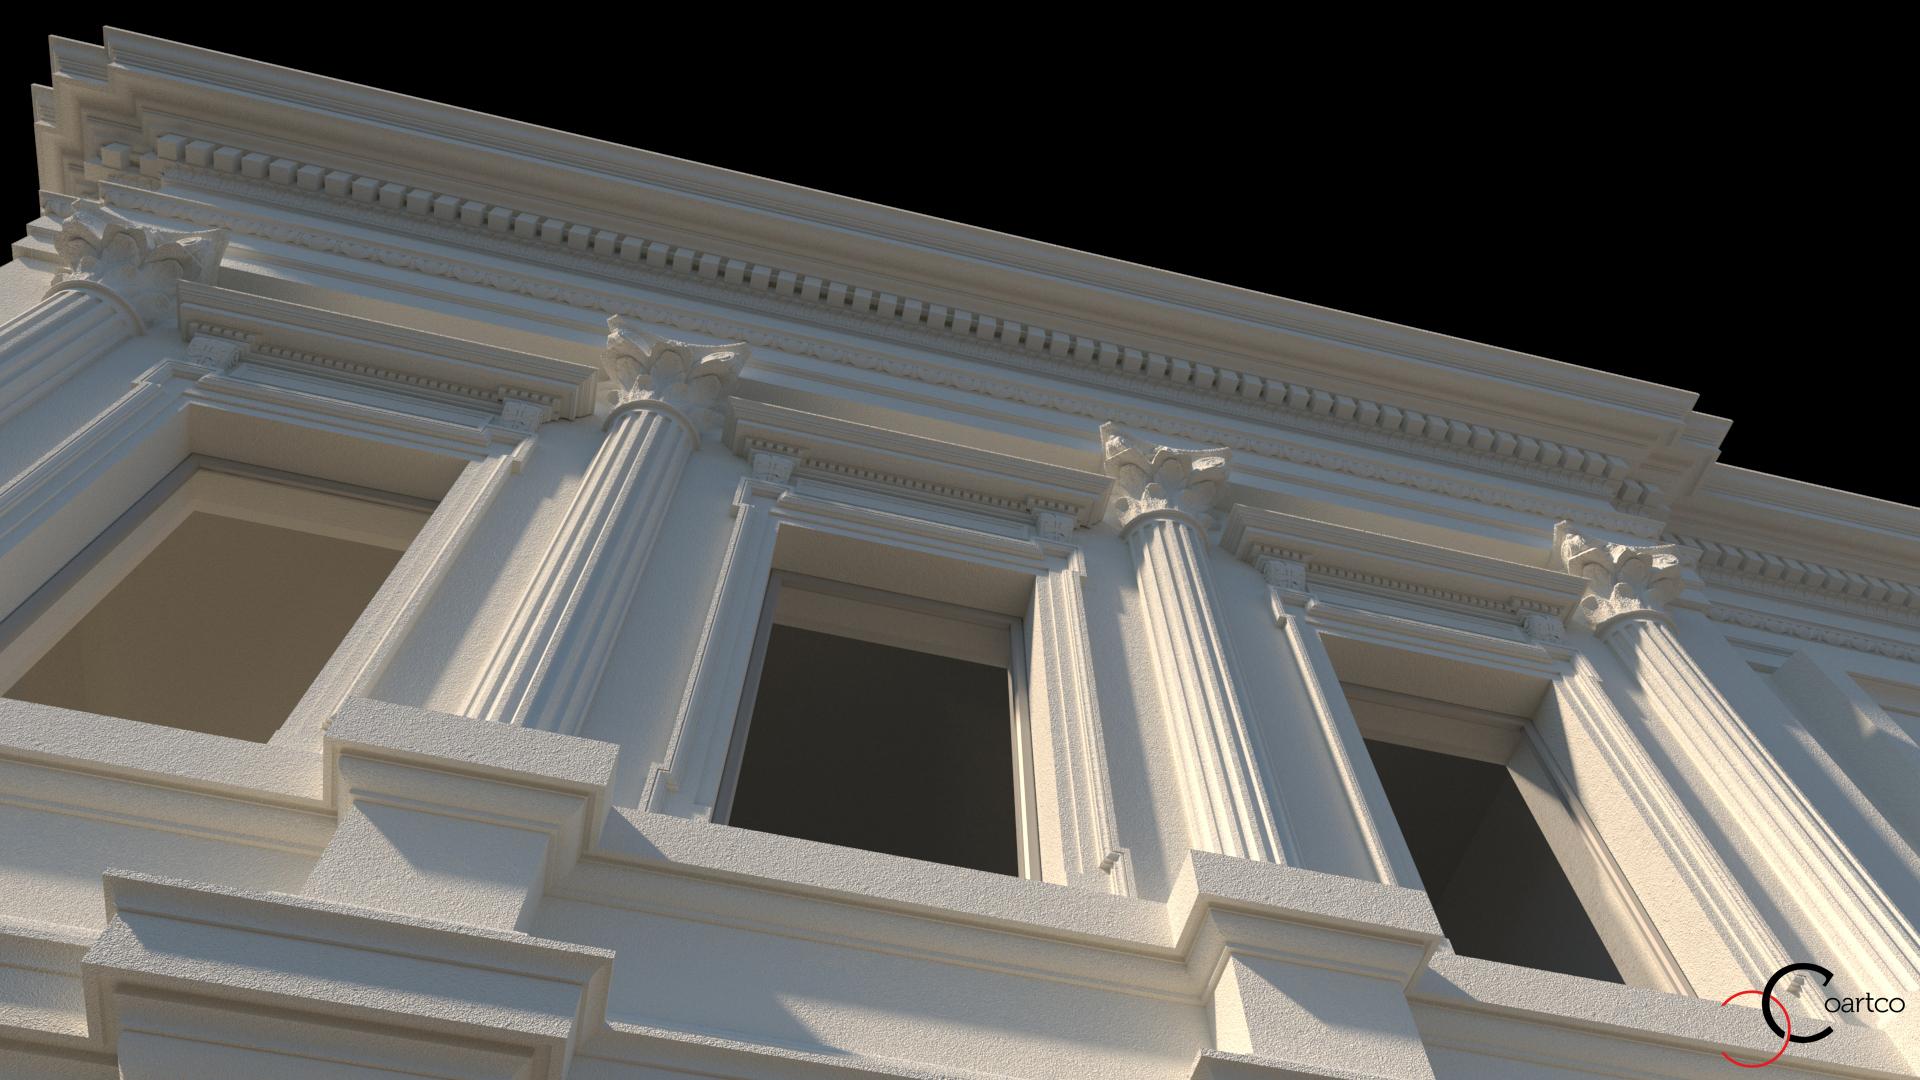 coloane-grecesti-fatada-casa-arhitect-casa-neoclasica